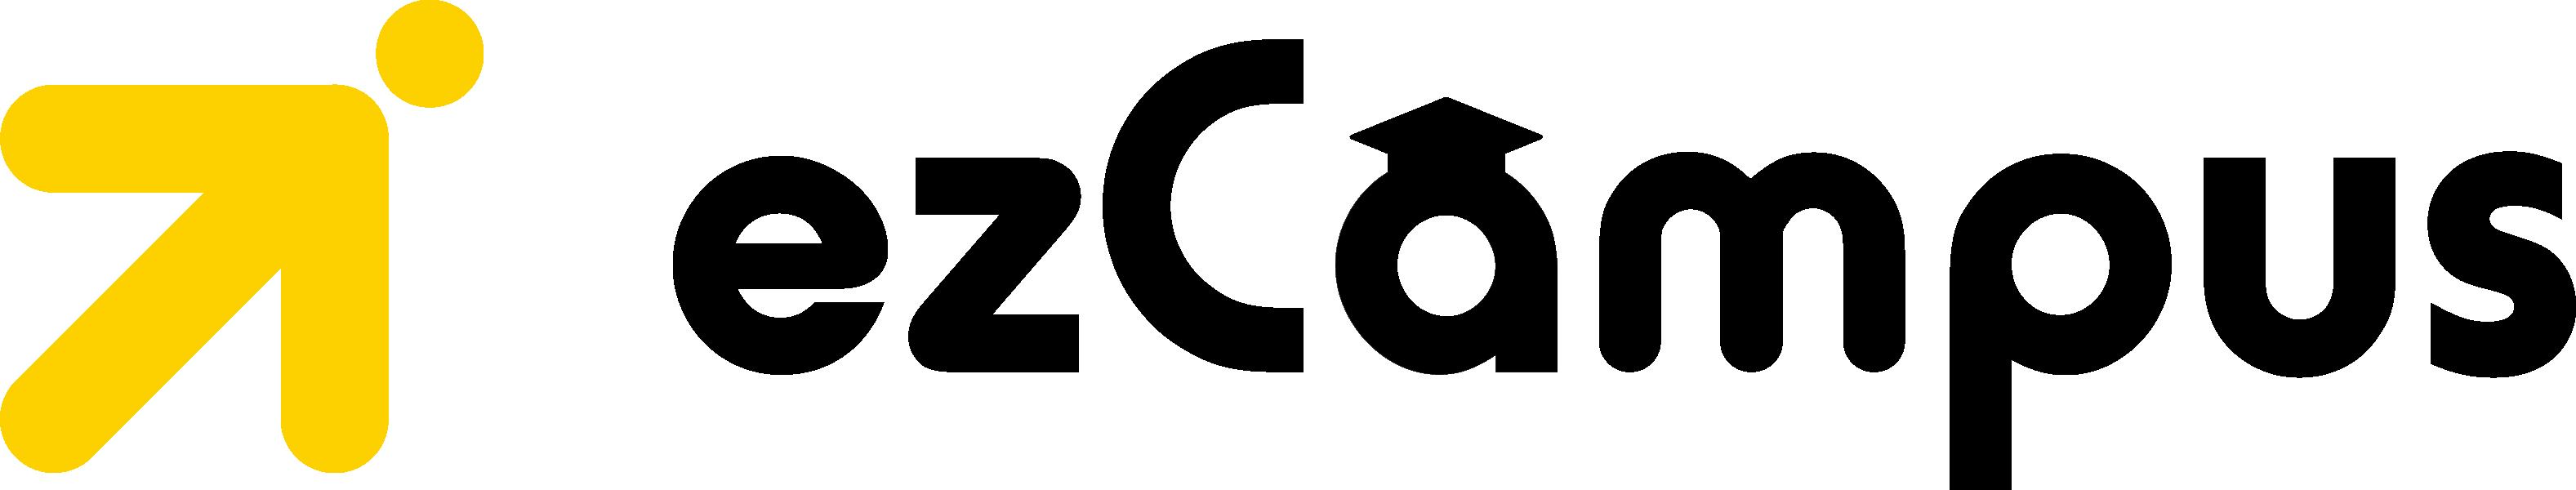 이지캠퍼스 로고